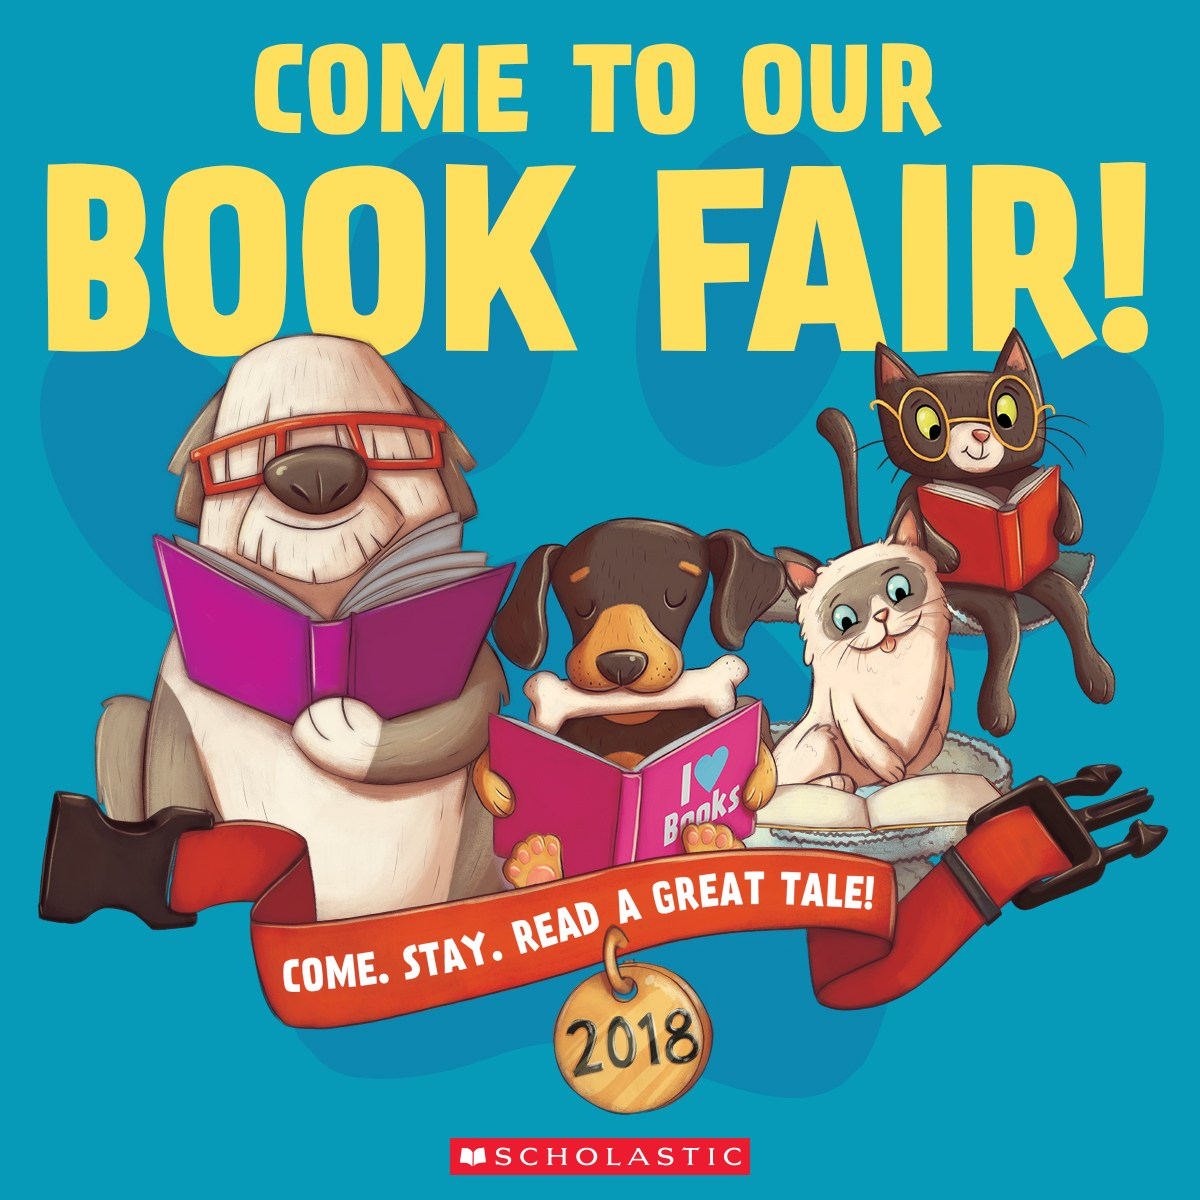 Fair Paws Book Books